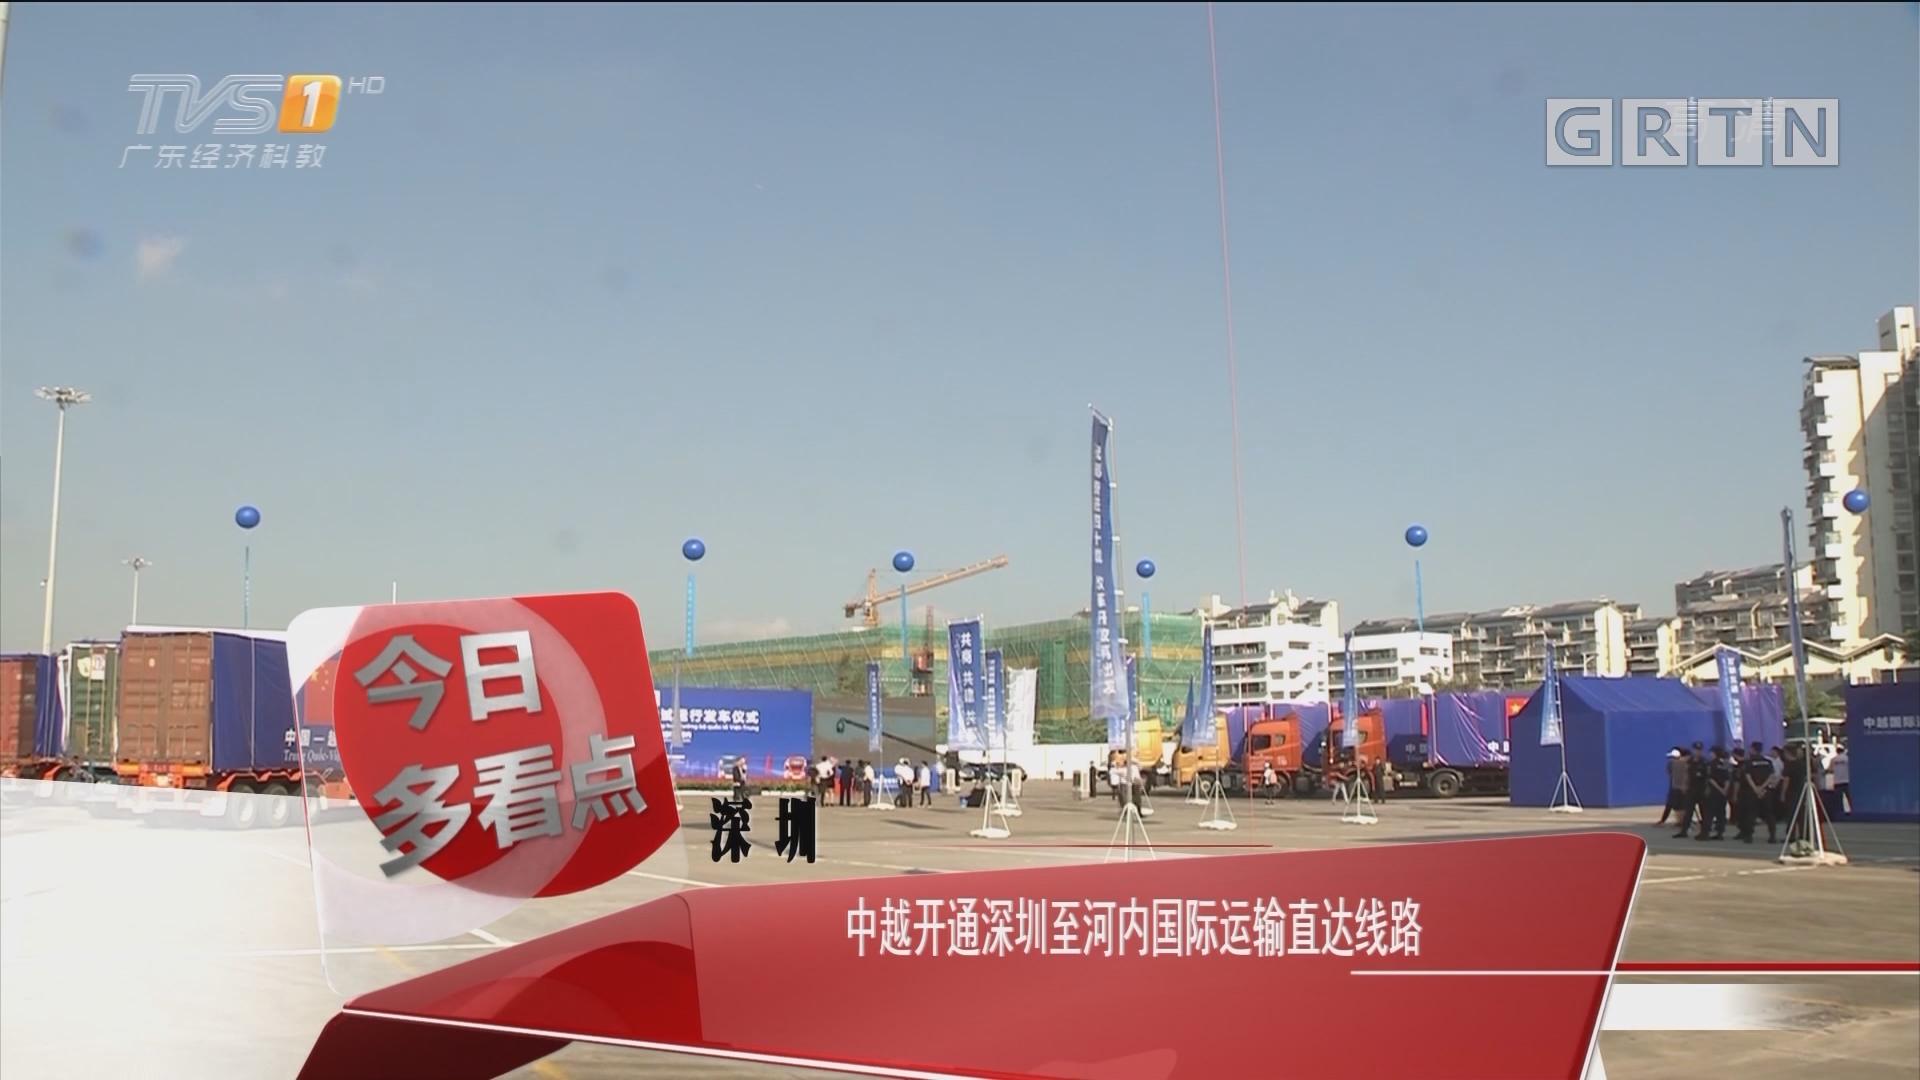 深圳:中越开通深圳至河内国际运输直达线路